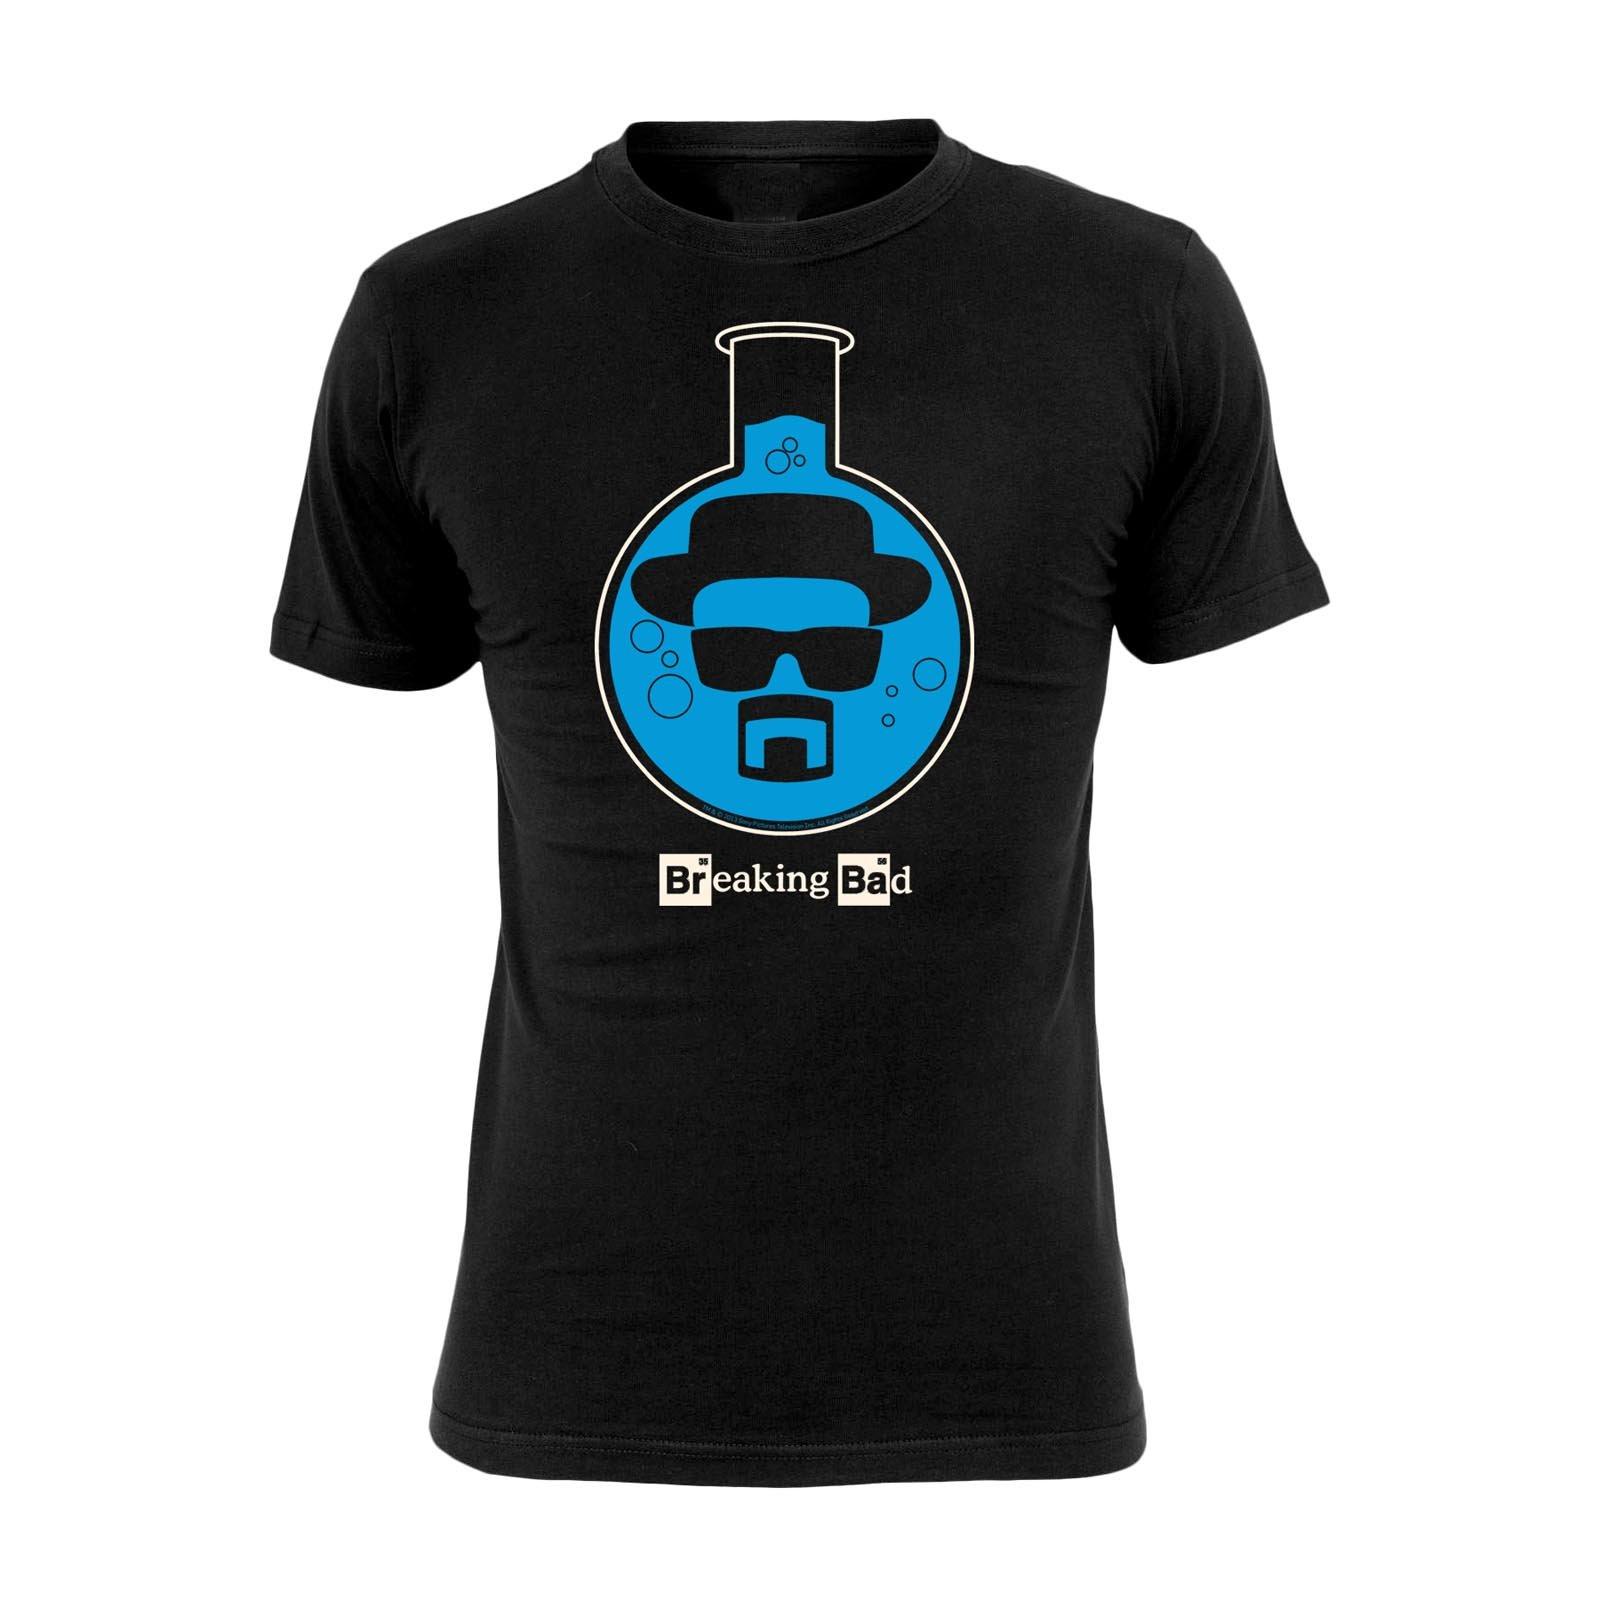 Breaking Bad Comic style XL Reazioni Collaterali Girocollo T shirt Walter White Maglia con stampa